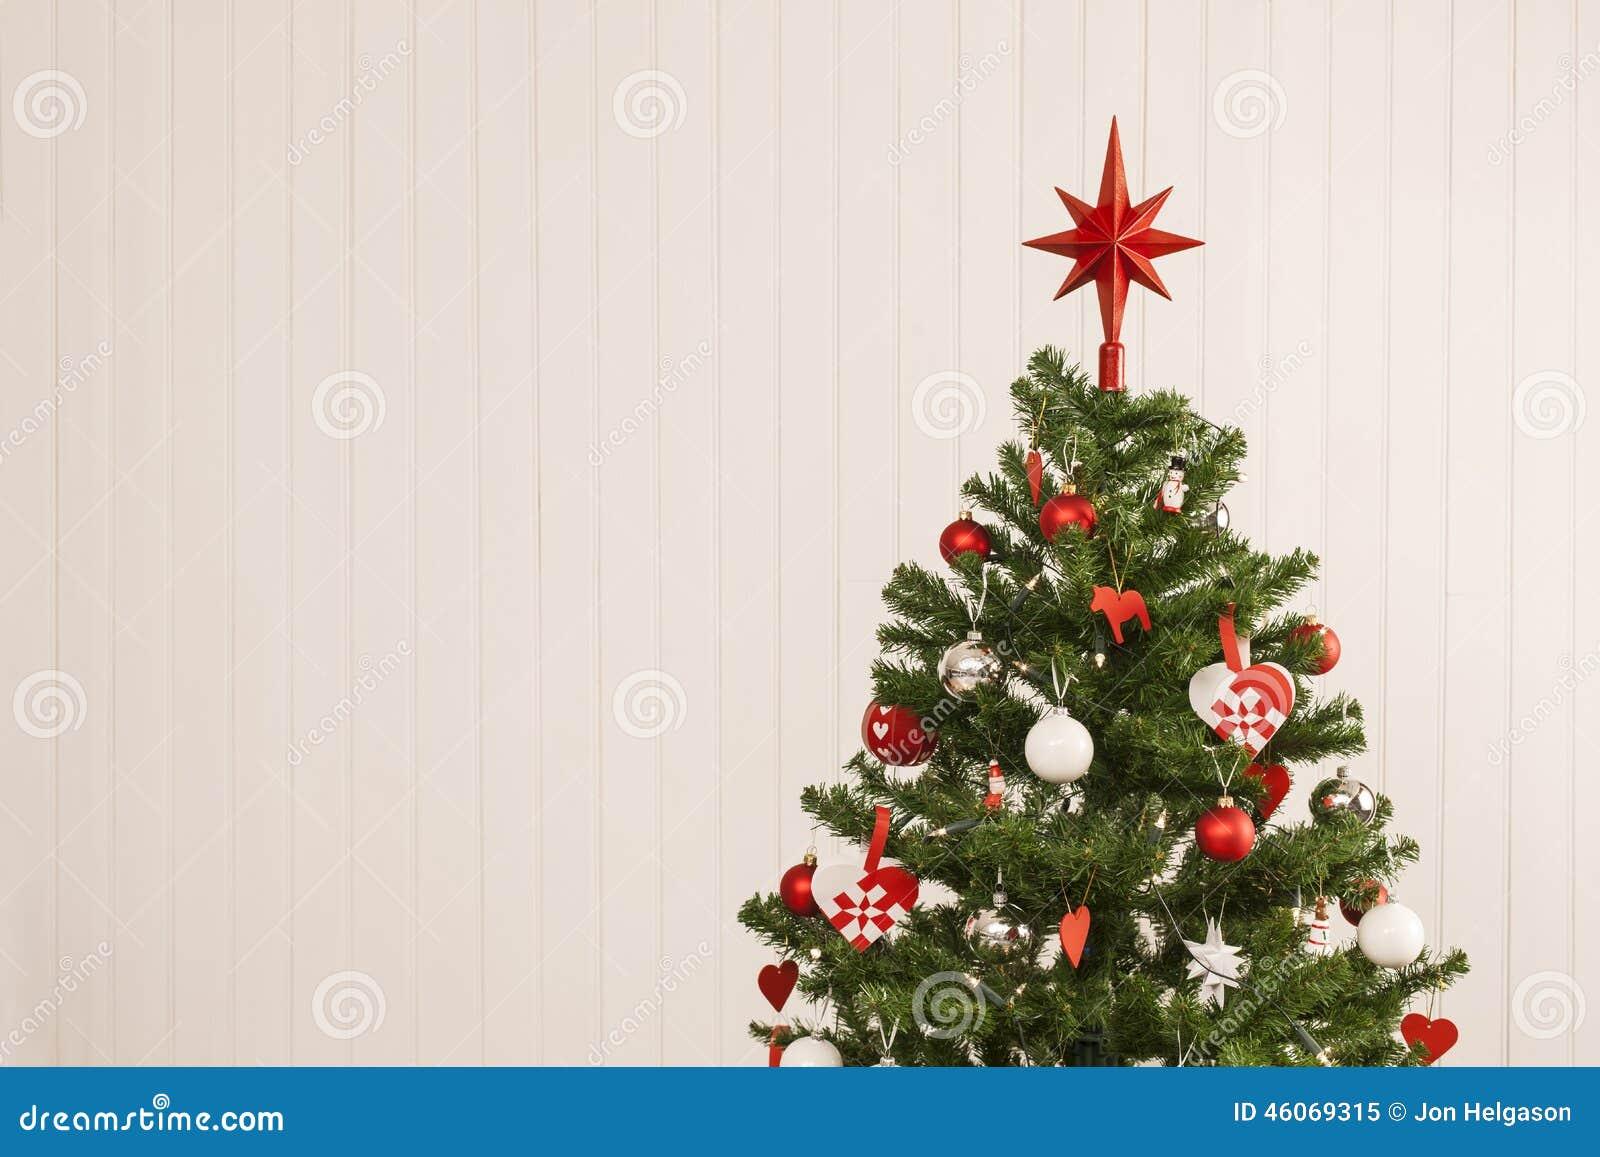 Alberi Di Natale In Legno Da Parete : Albero di natale contro una parete di legno immagine stock